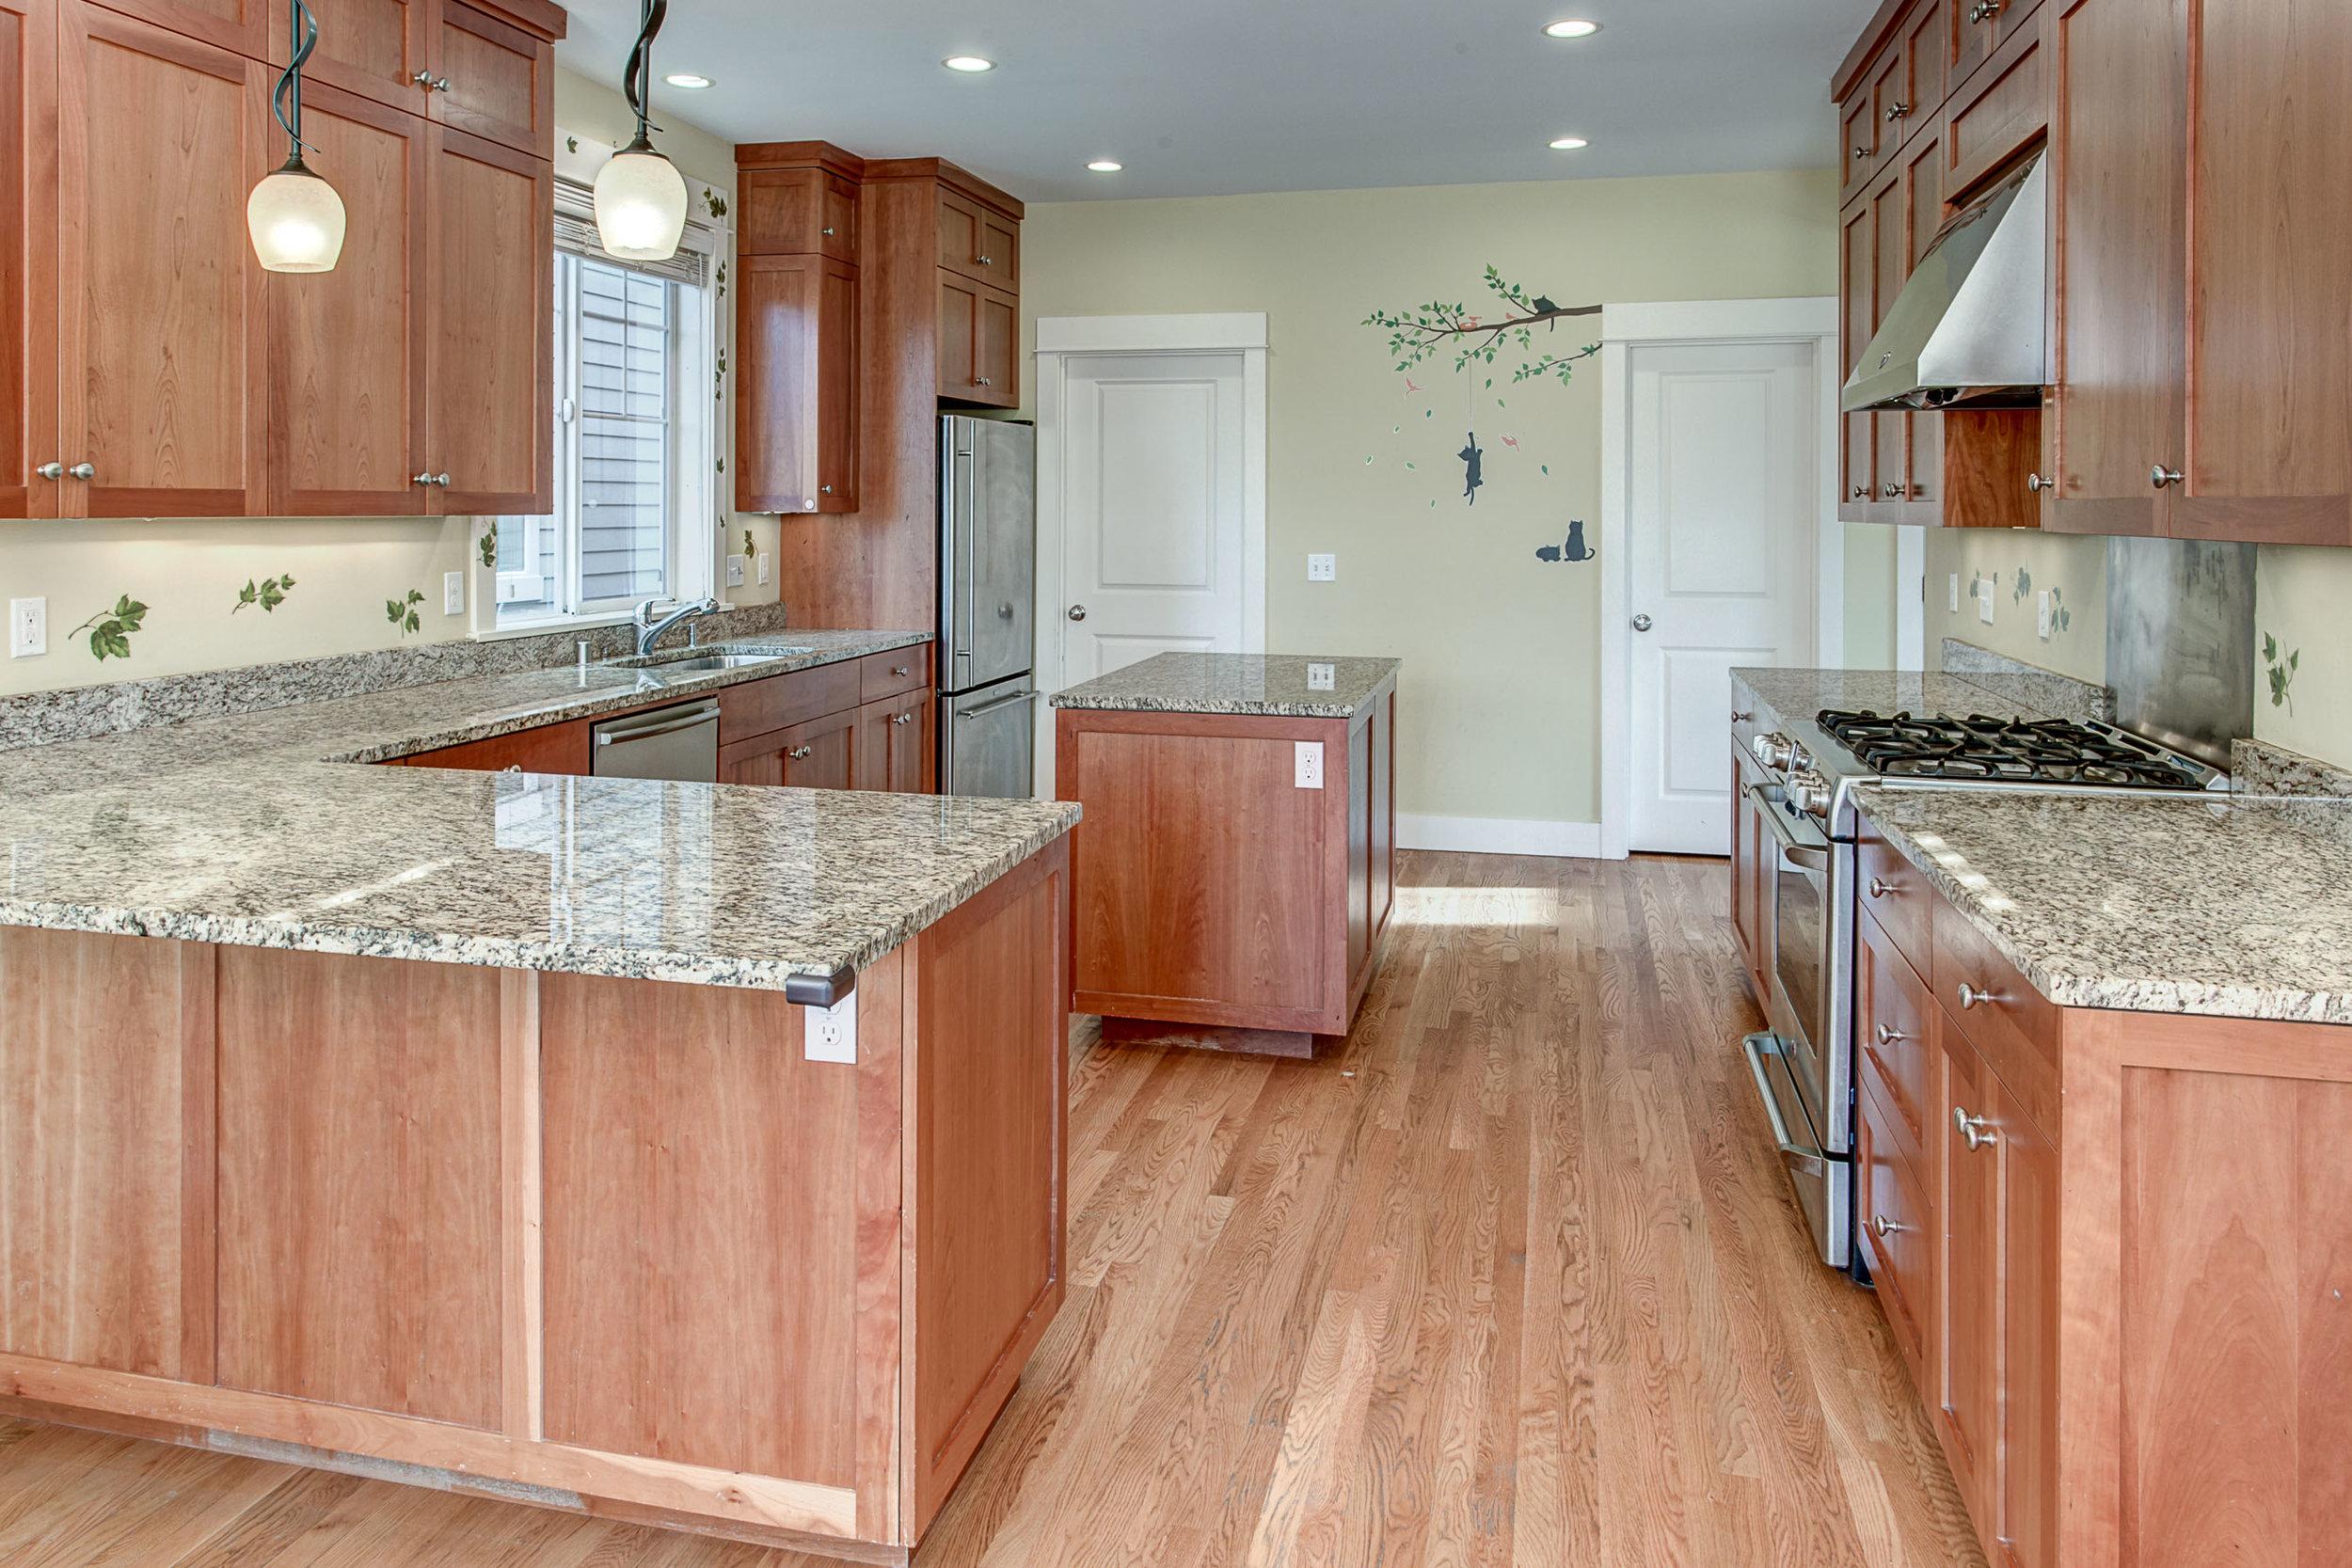 08-Kitchen01.jpg